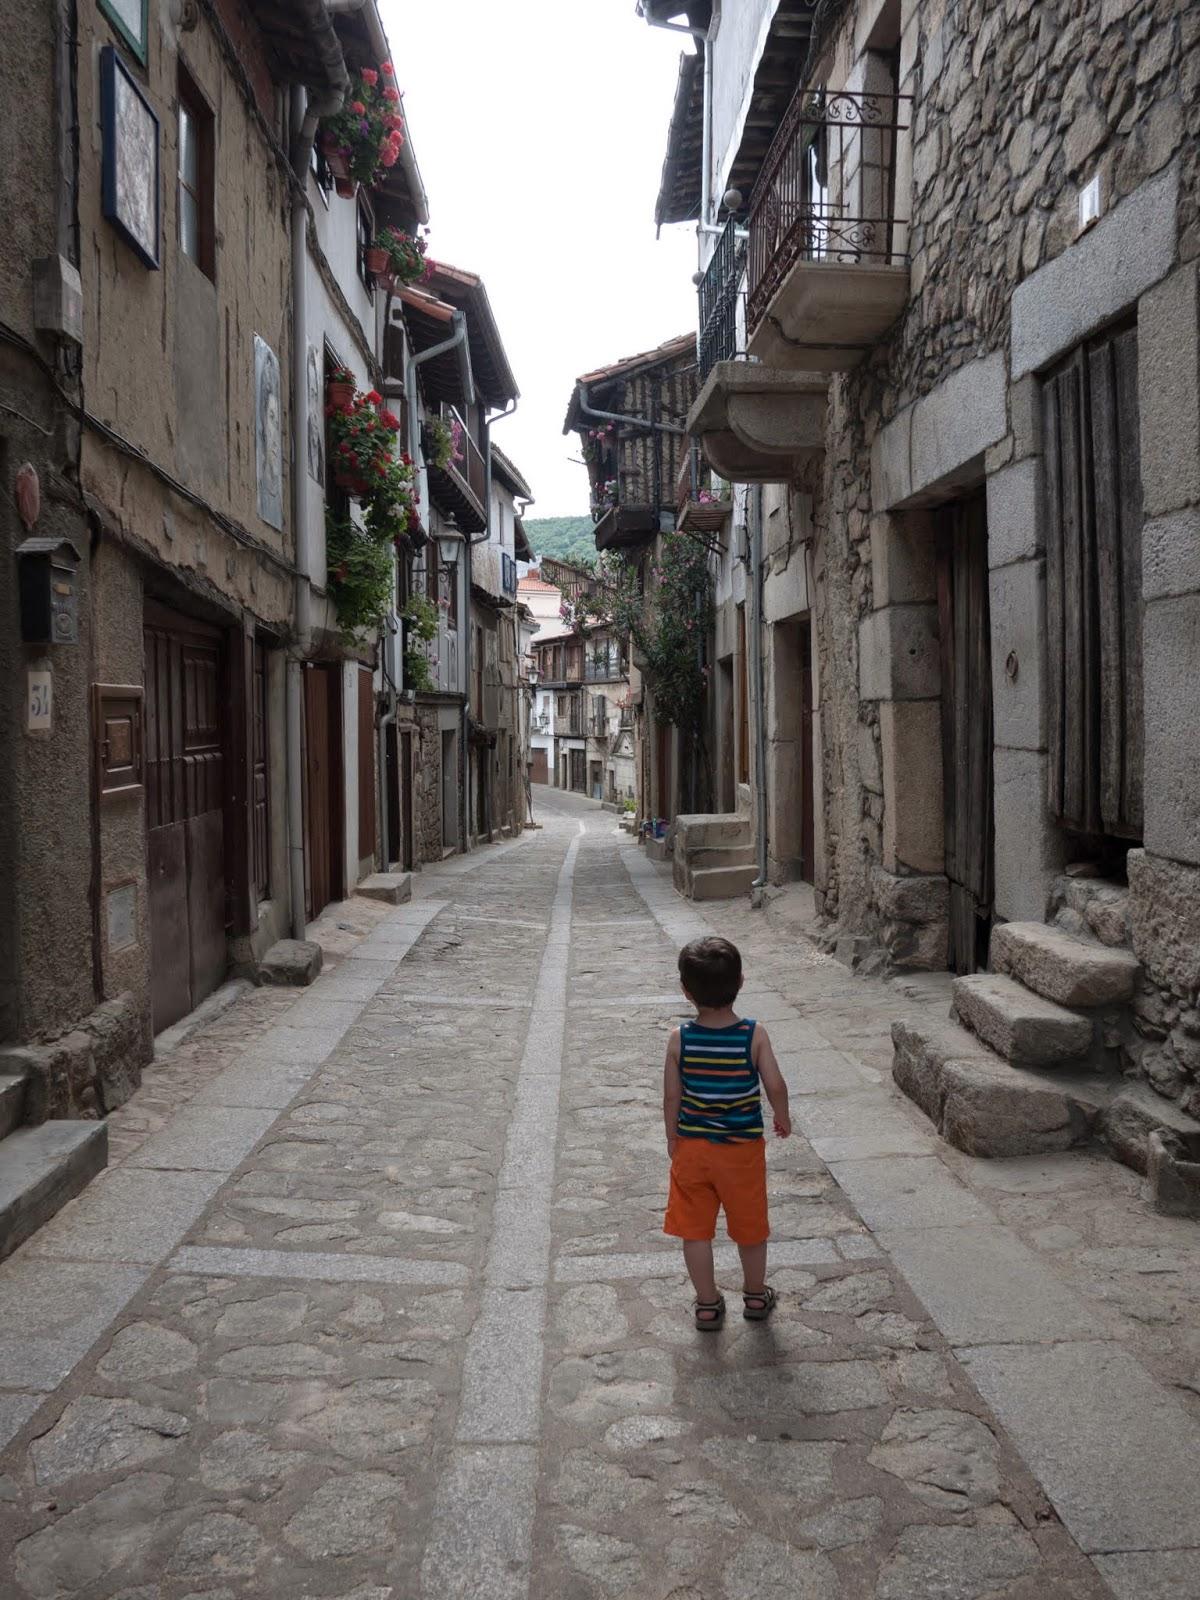 Niño en una calle de un pueblo